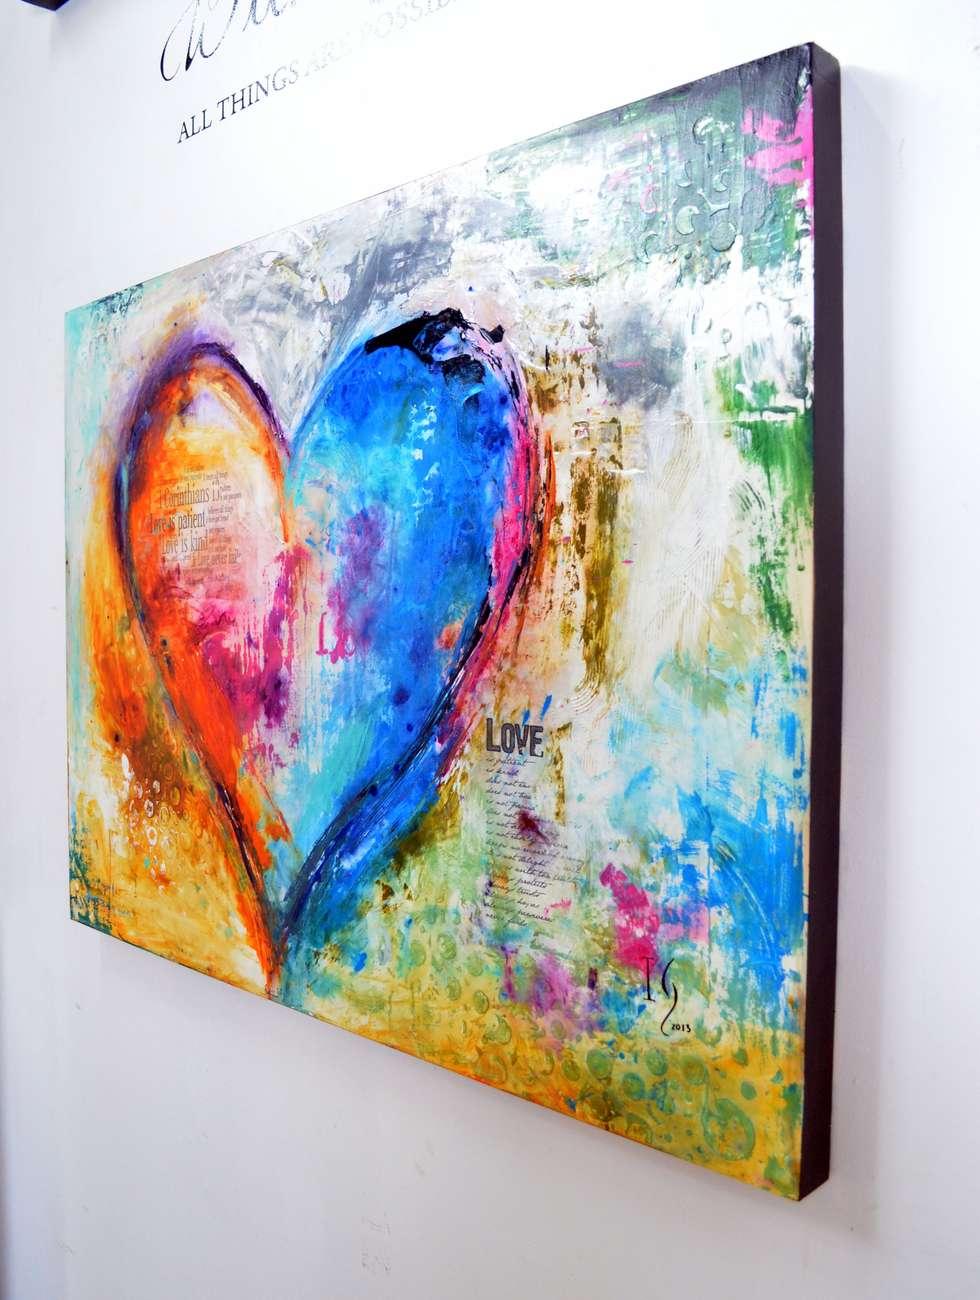 The paciencie of love: Pasillos y recibidores de estilo  por Galeria Ivan Guaderrama